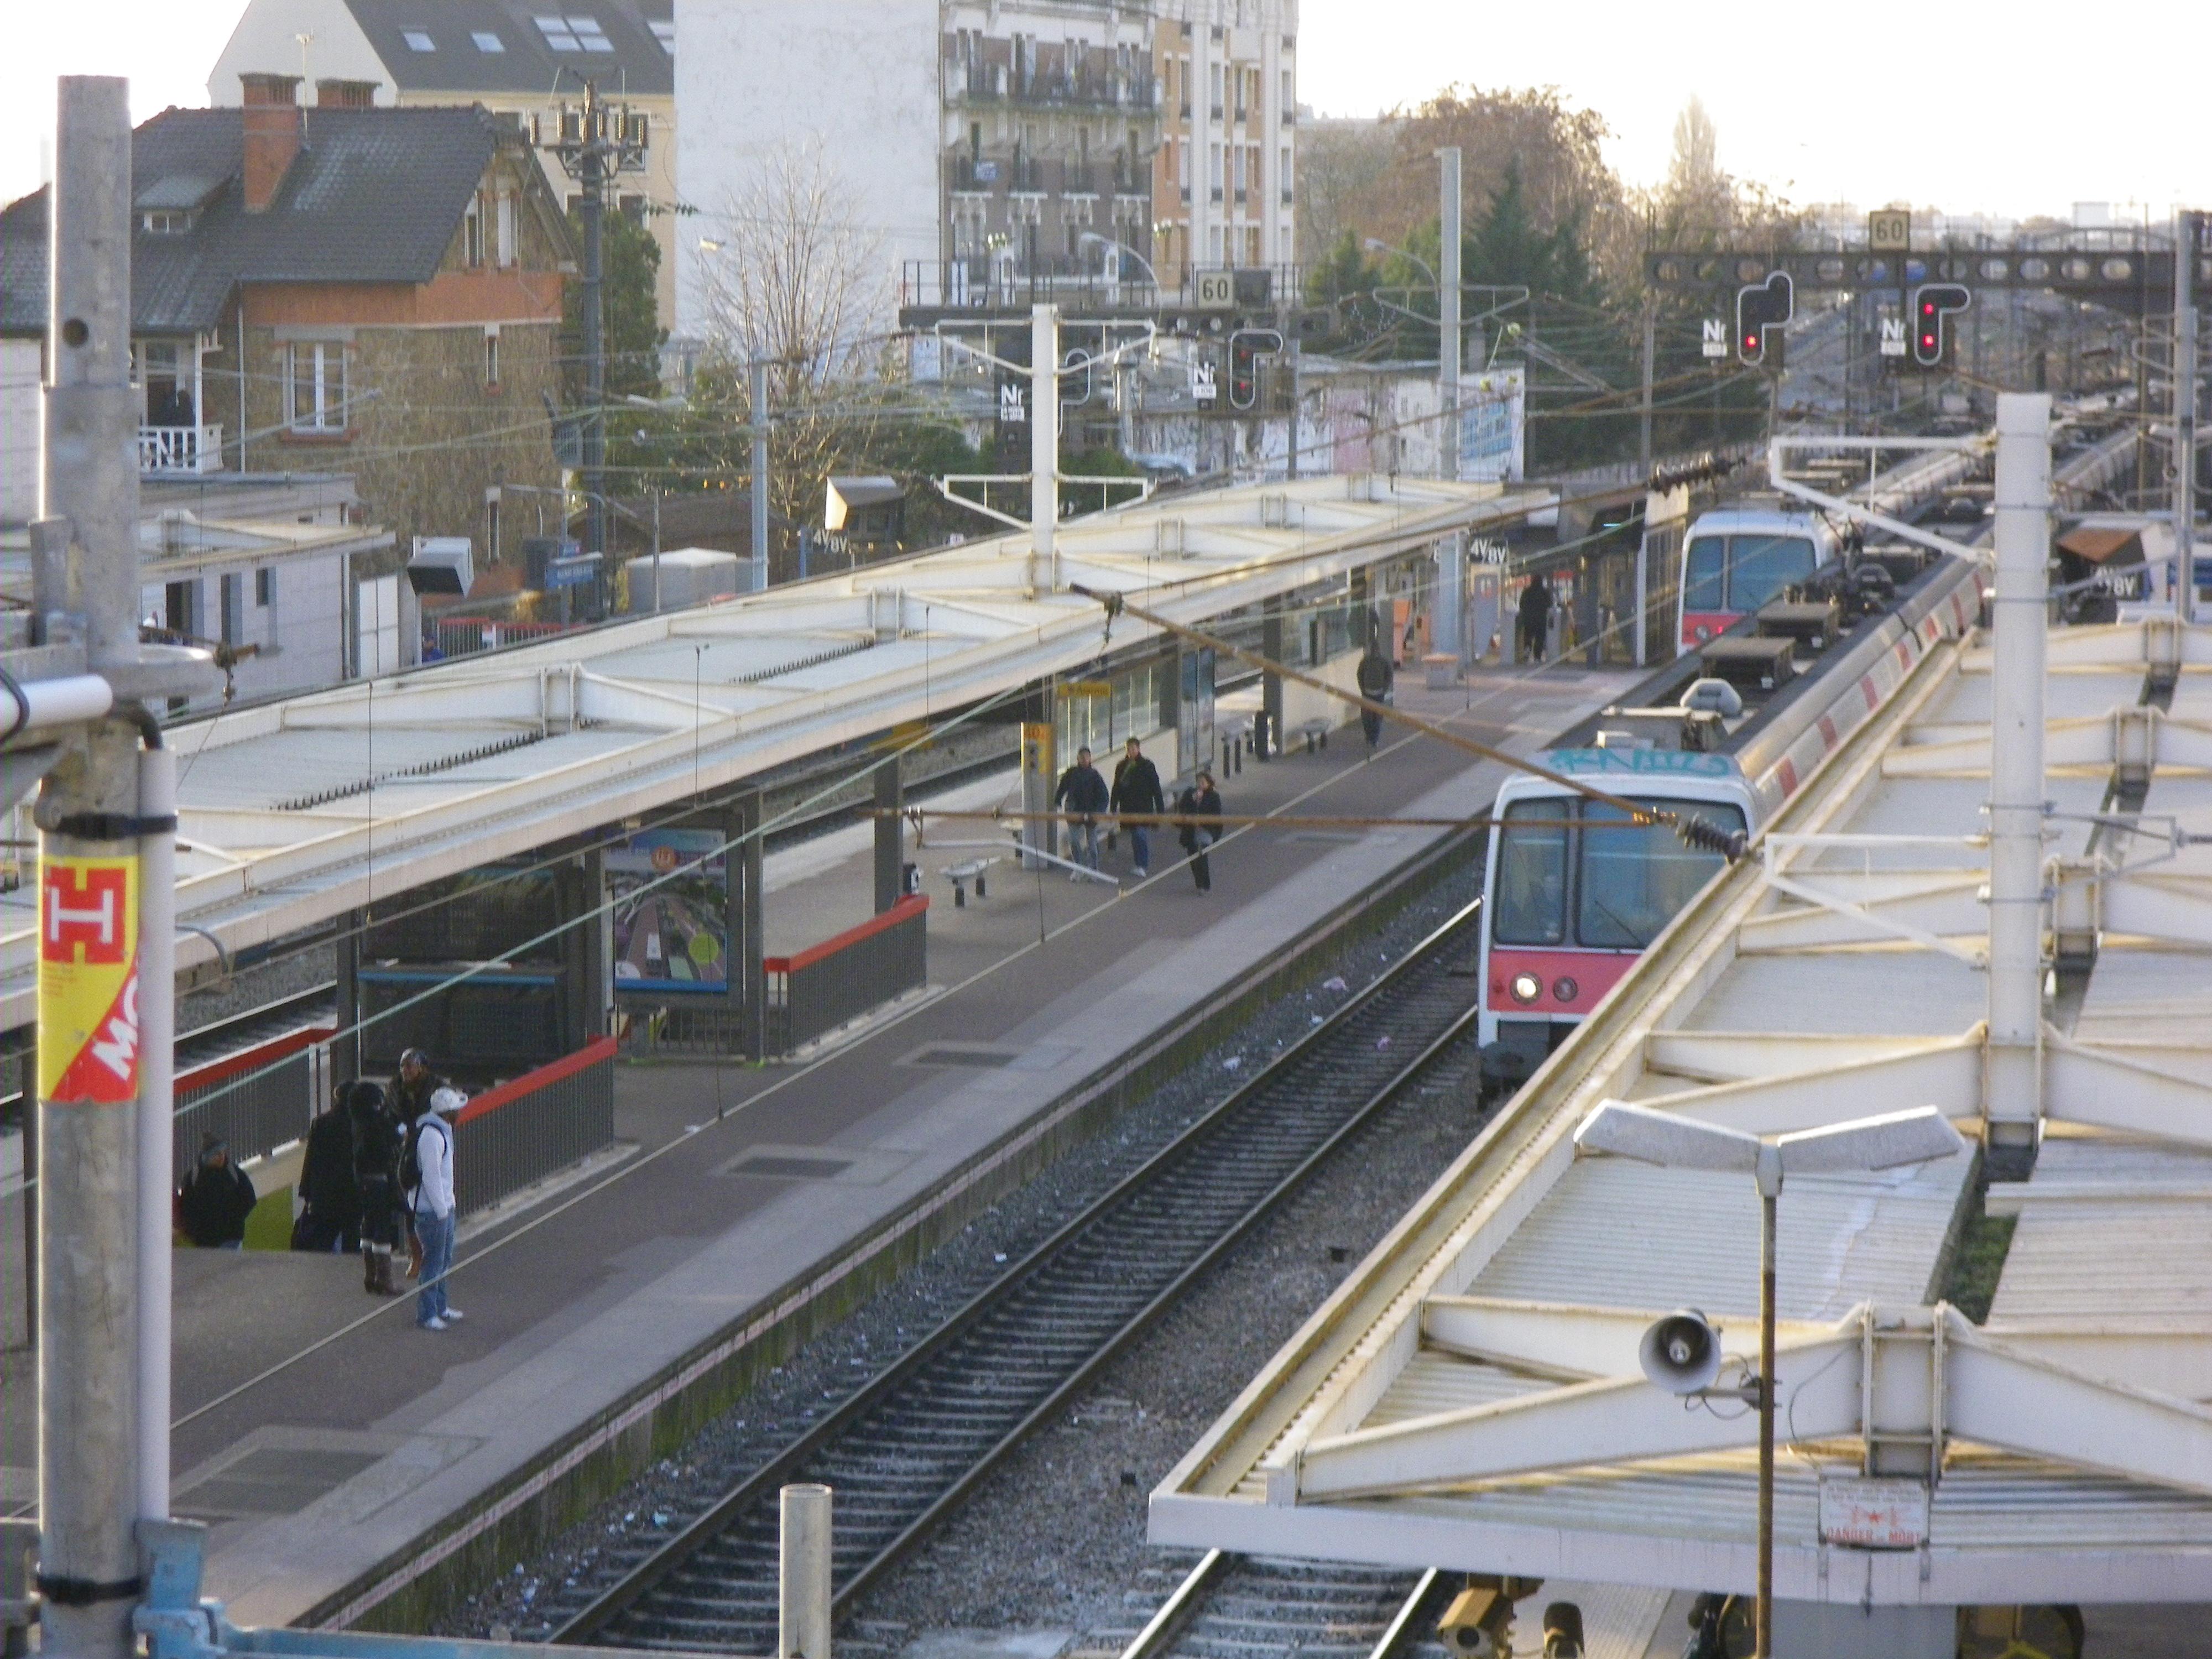 Fichier Gare d'aulnay sous boir RER B SNCF2 jpg u2014 Wikipédia # Mission Locale Aulnay Sous Bois